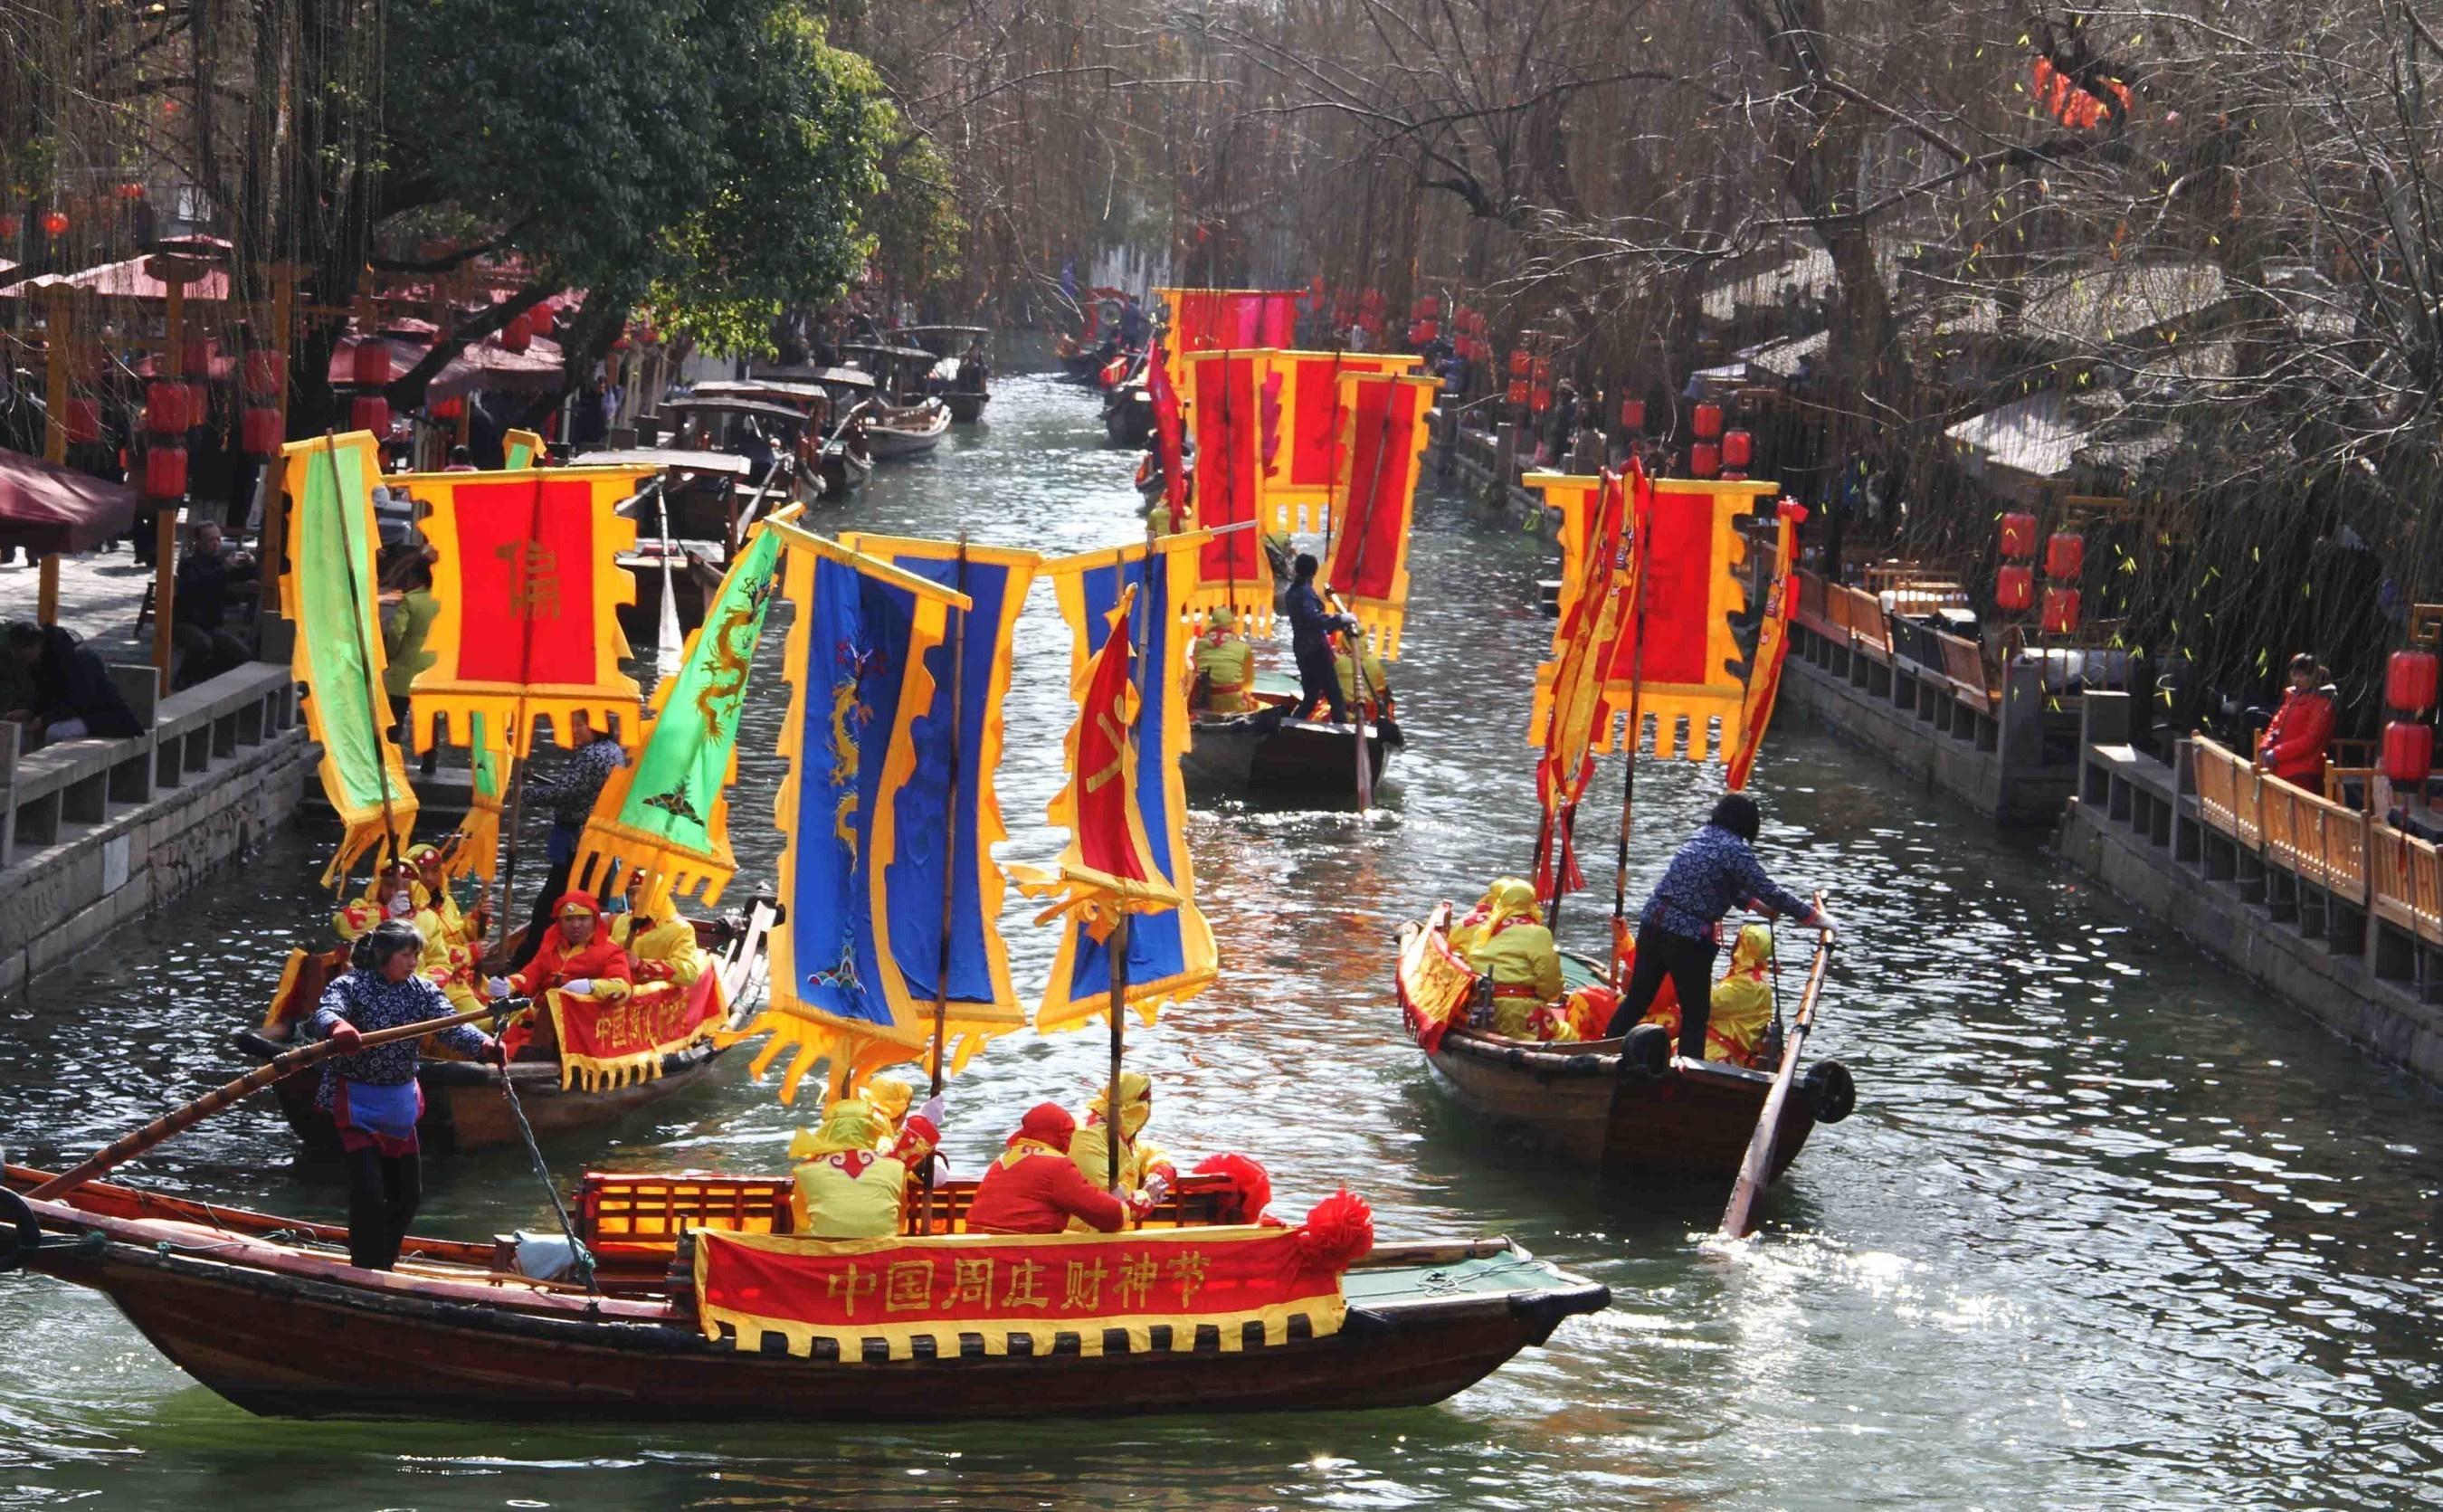 Zhouzhuang celebra el Año de la Oveja con un carnaval de 15 días